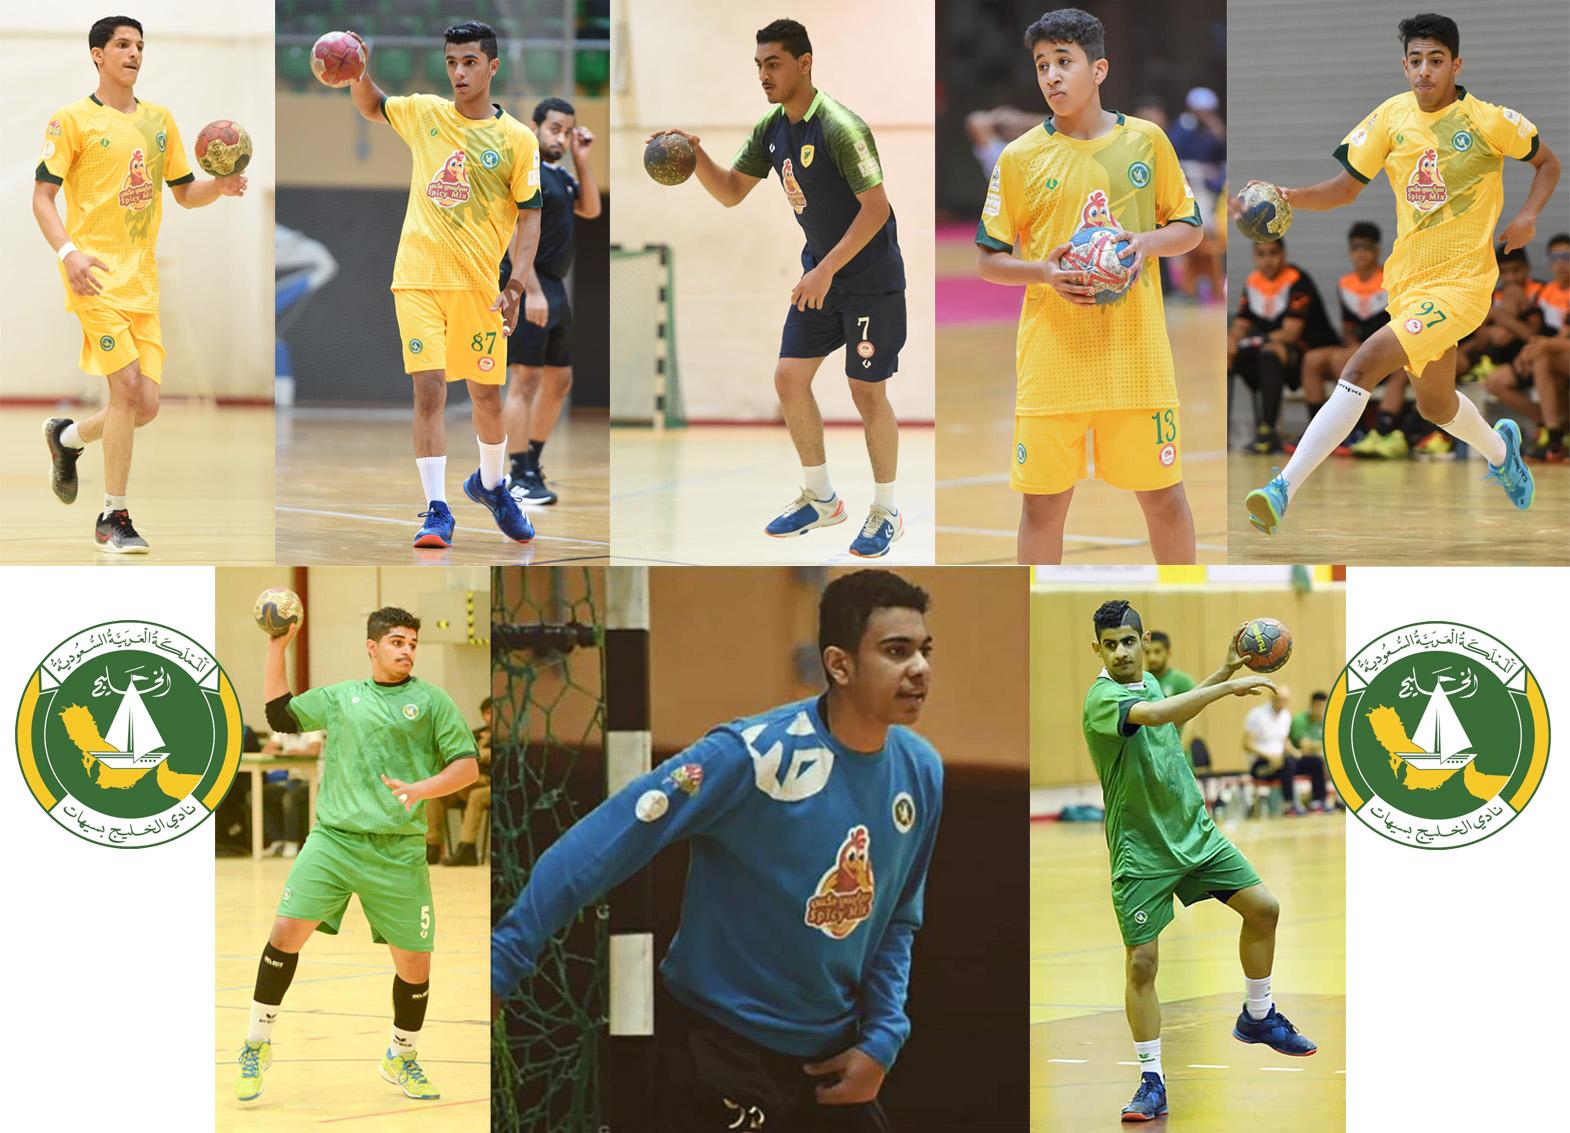 اختيار 8 لاعبين من الخليج لتمثيل المنتخب السعودي للناشئين لكرة اليد   مواليد 2000 سيشاركون في كأس العالم للناشئين والبطولة العربية لمواليد 2002